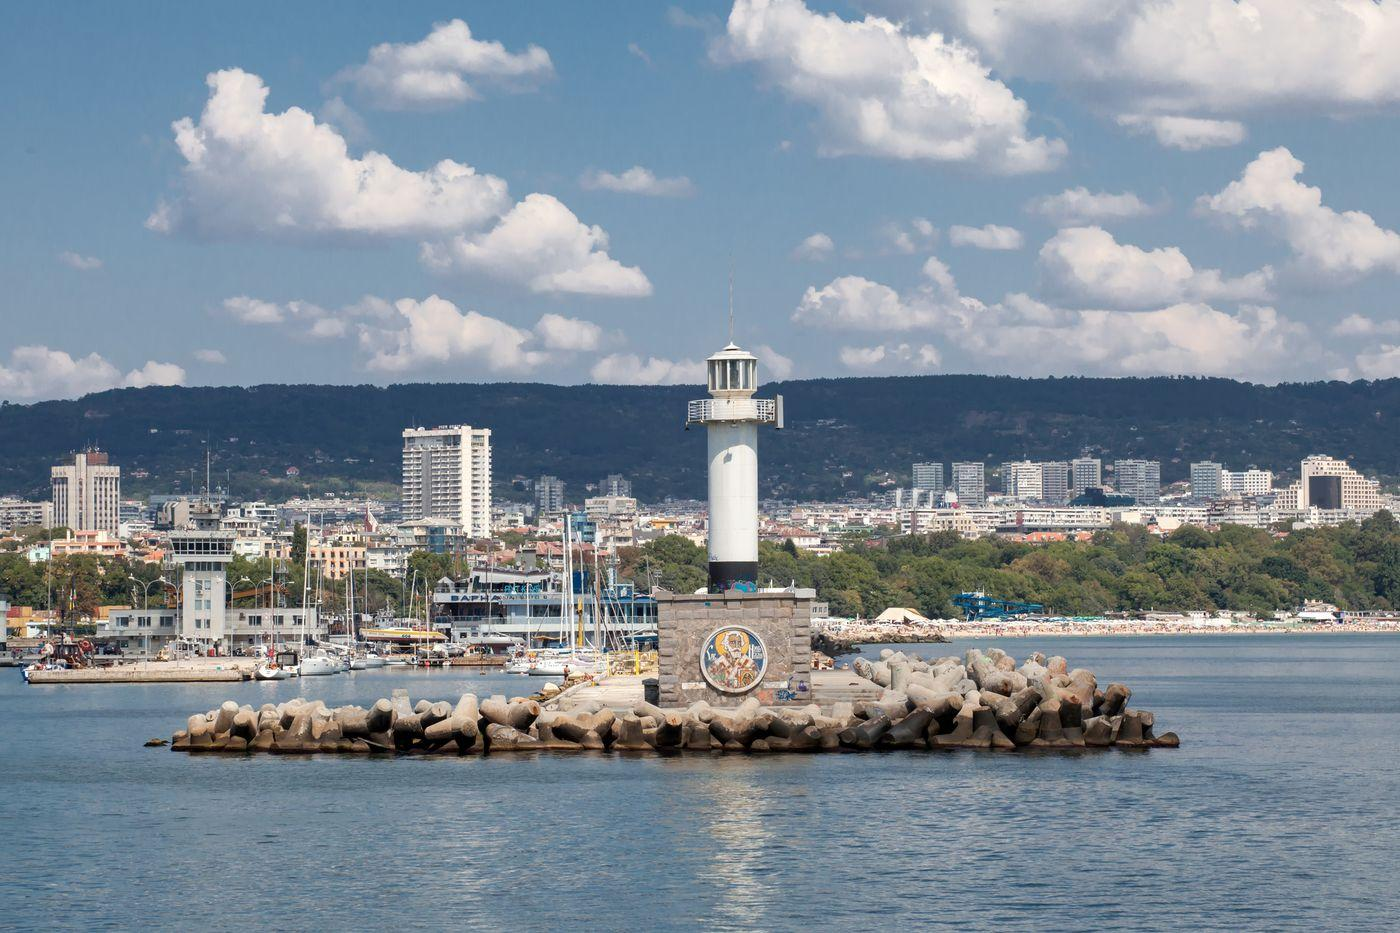 Вид на жительство и гражданство Болгарии: как легко и быстро стать европейцем